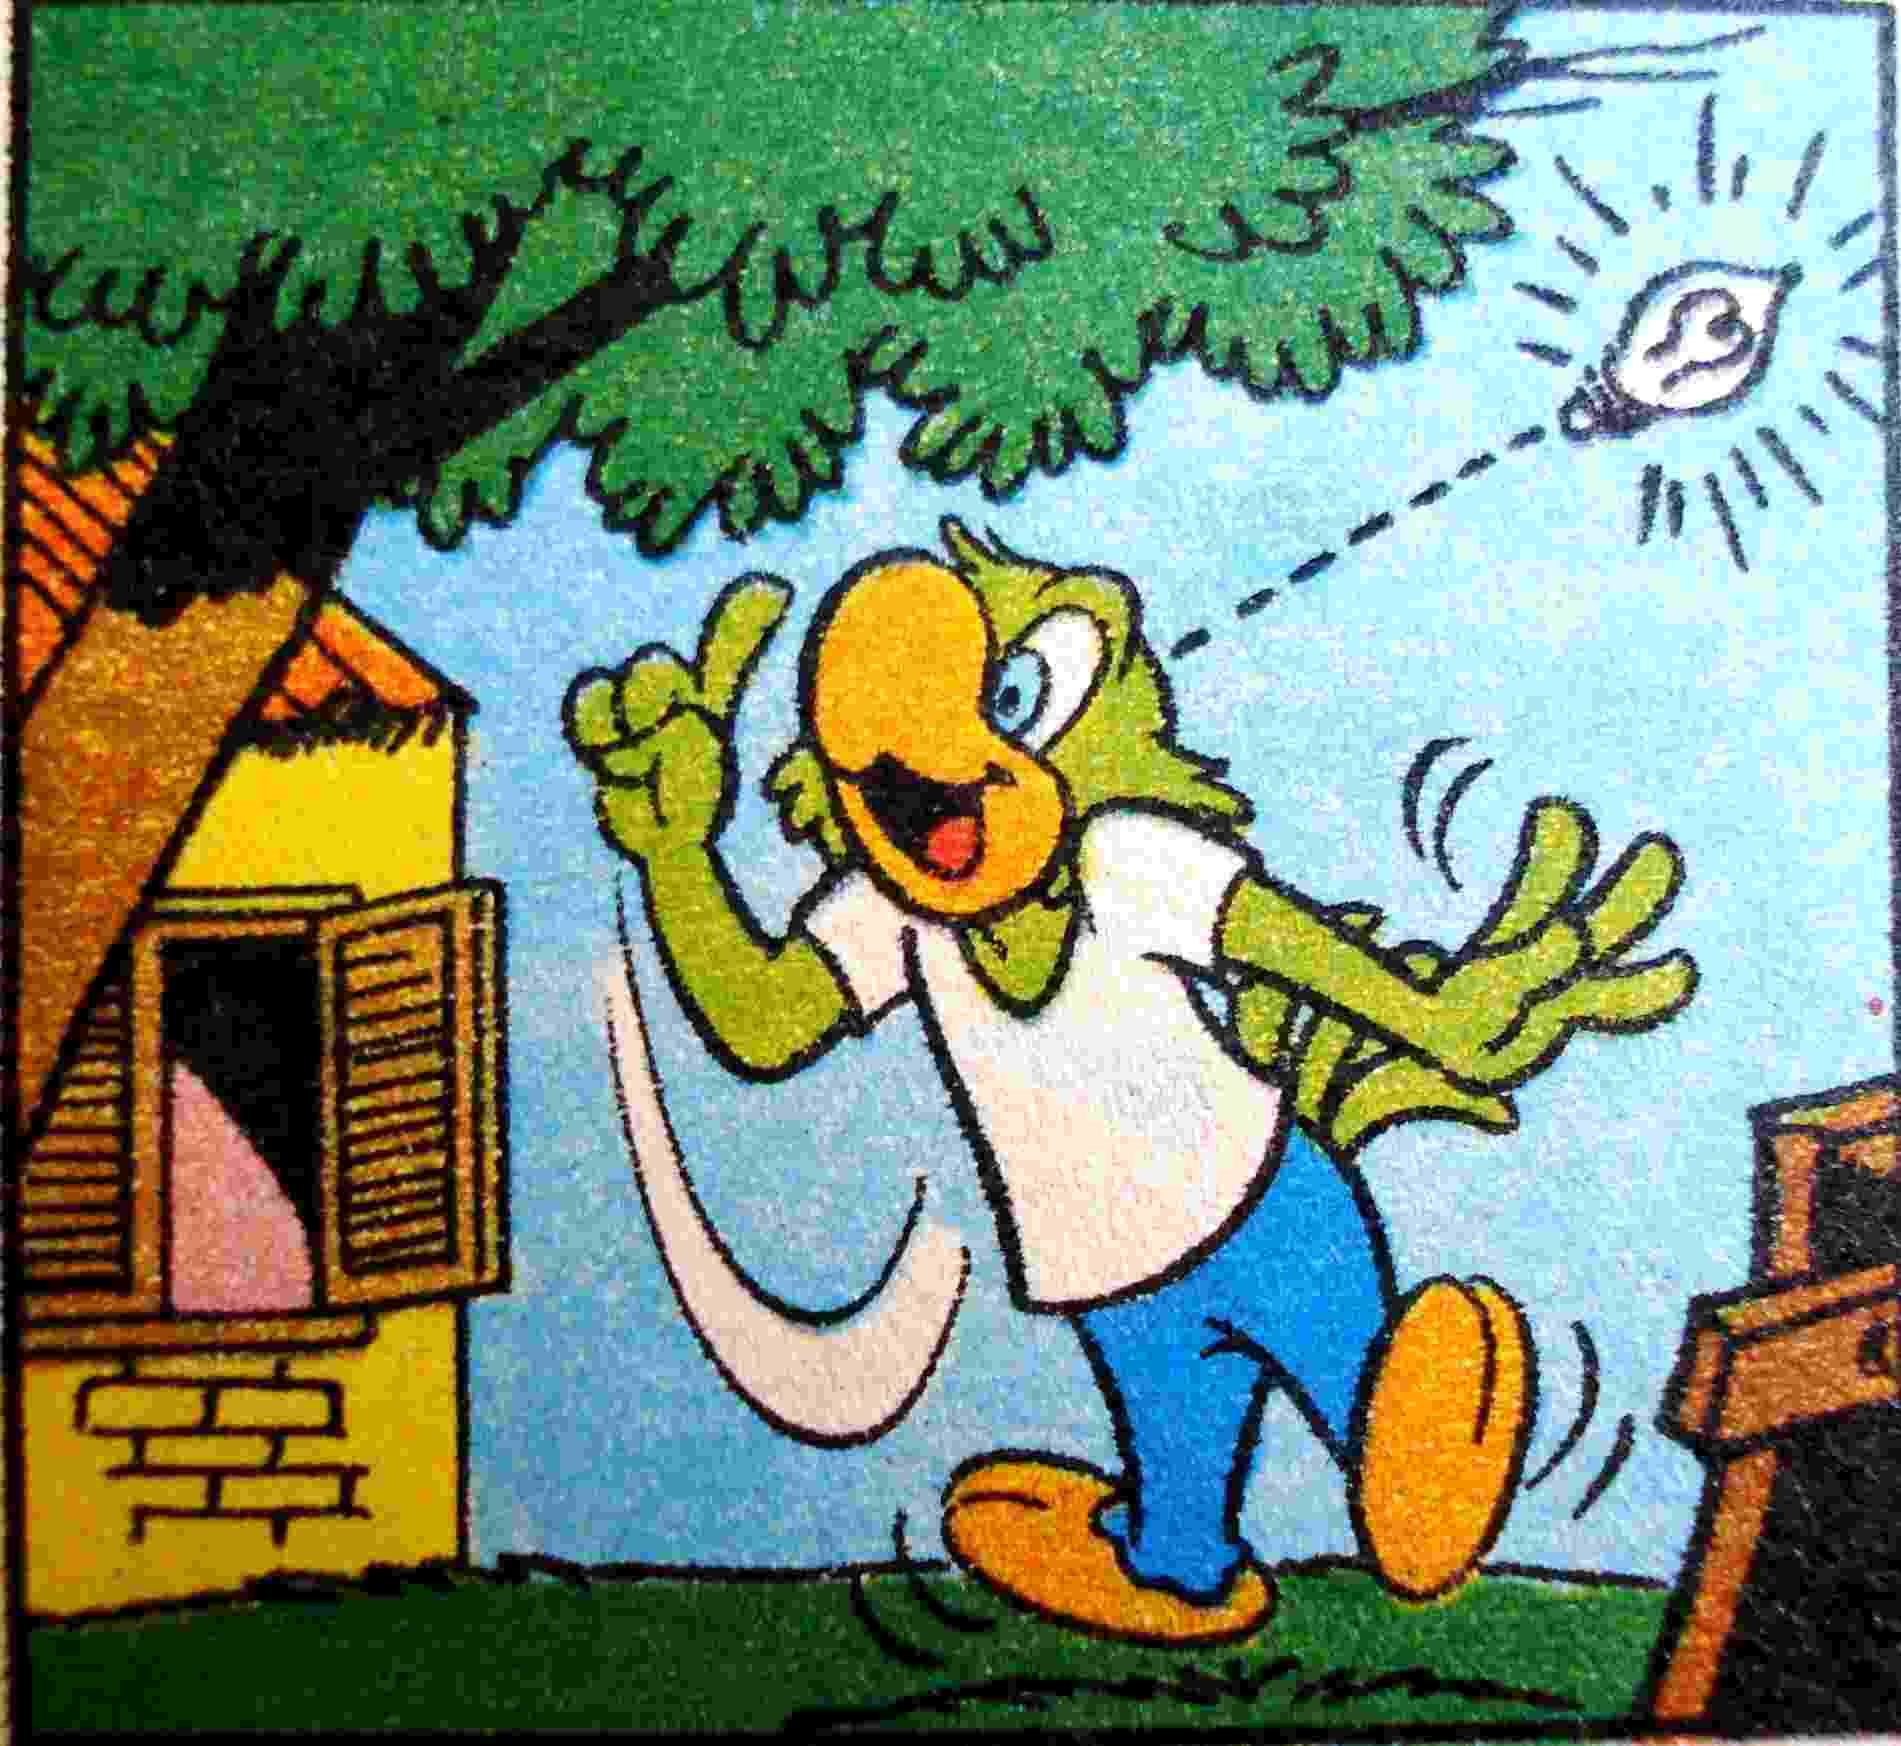 Imagem de HQ do Zé Carioca, personagem criado por Walt Disney após visita ao Rio de Janeiro - Divulgação